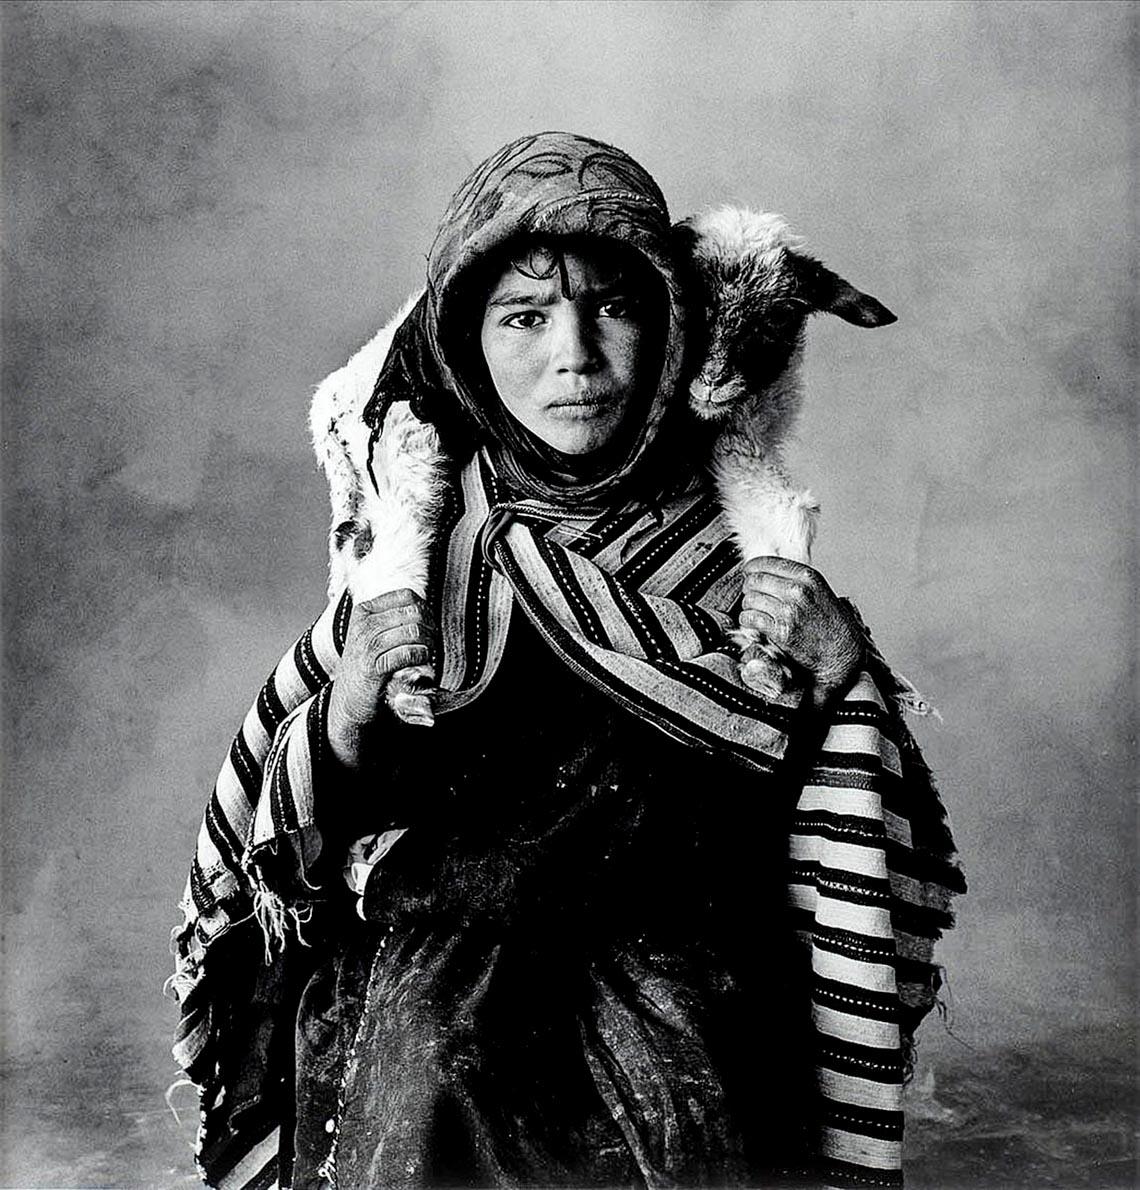 Nghệ sĩ kỳ tài trong làng nhiếp ảnh - 19